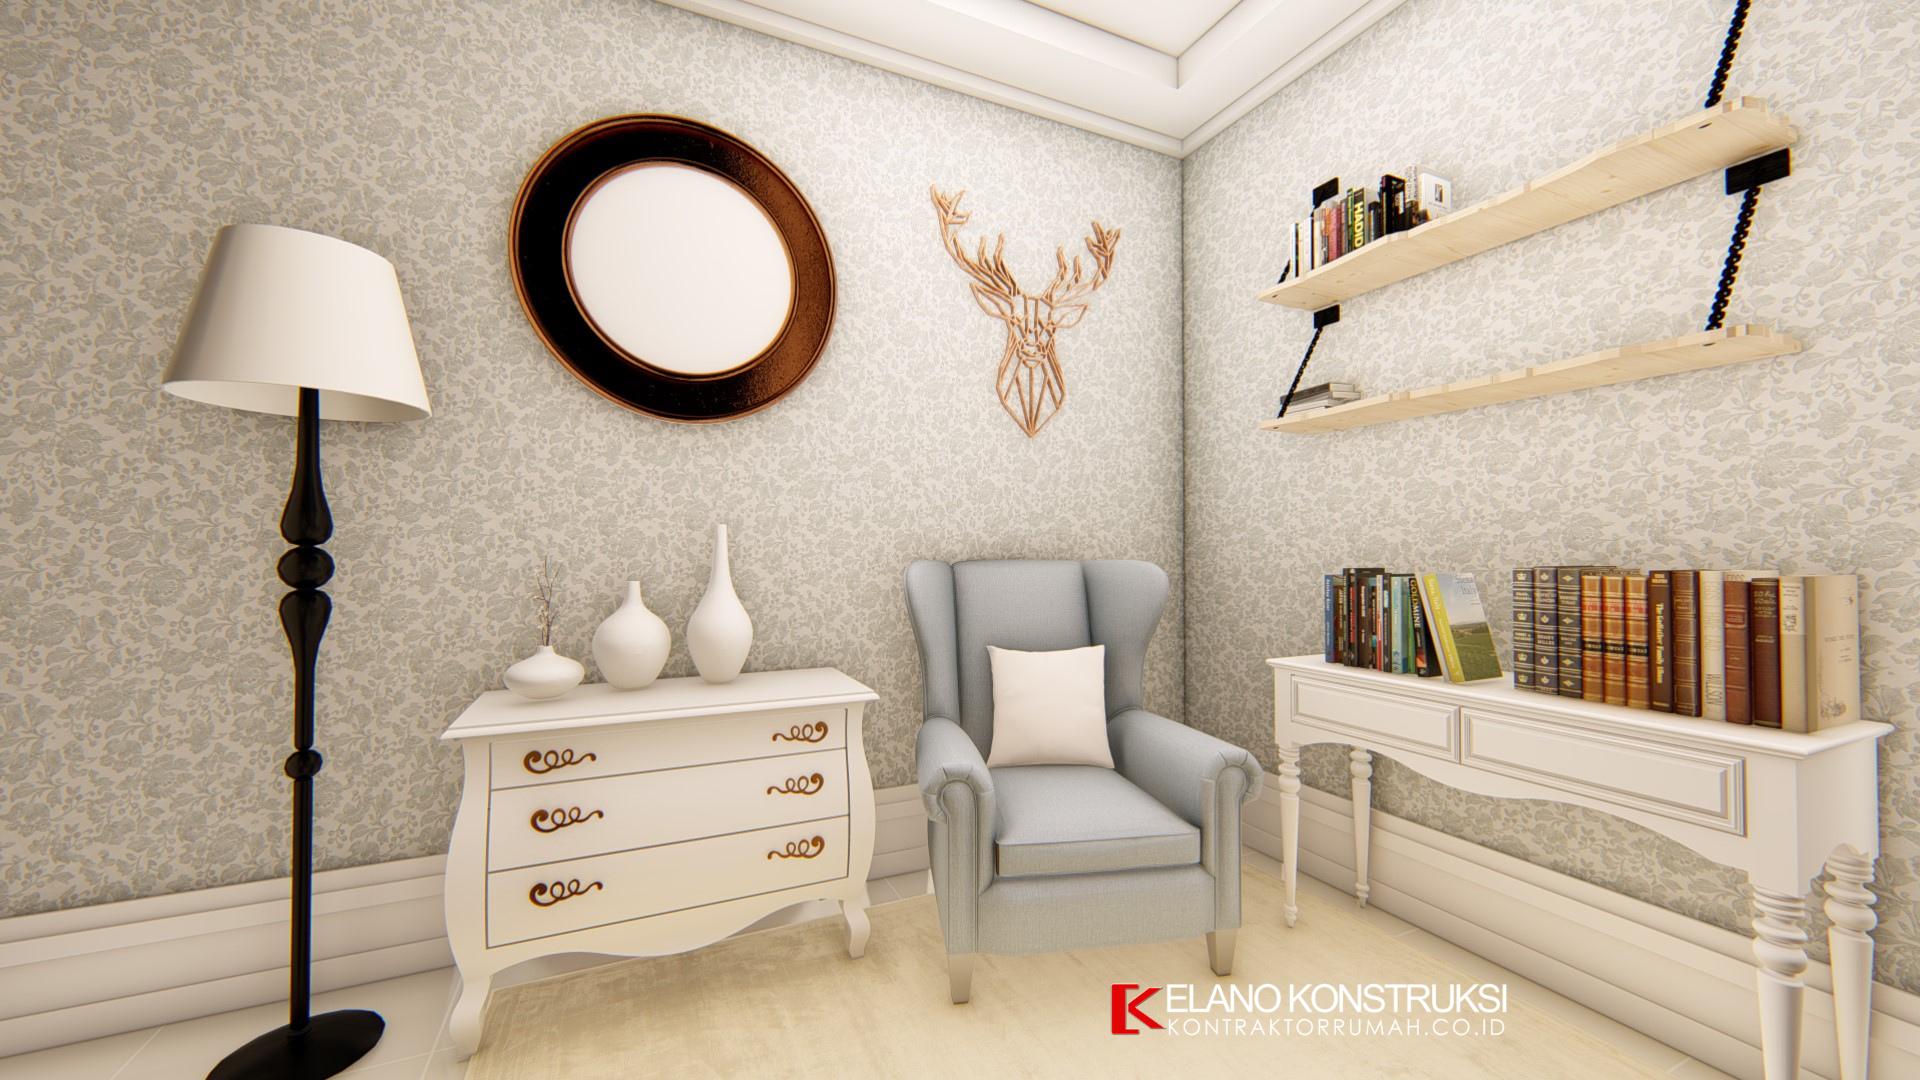 Untitled design 8 1 - Desain Interior Rumah shabby chic Bapak Wawan 250 M2 Depok